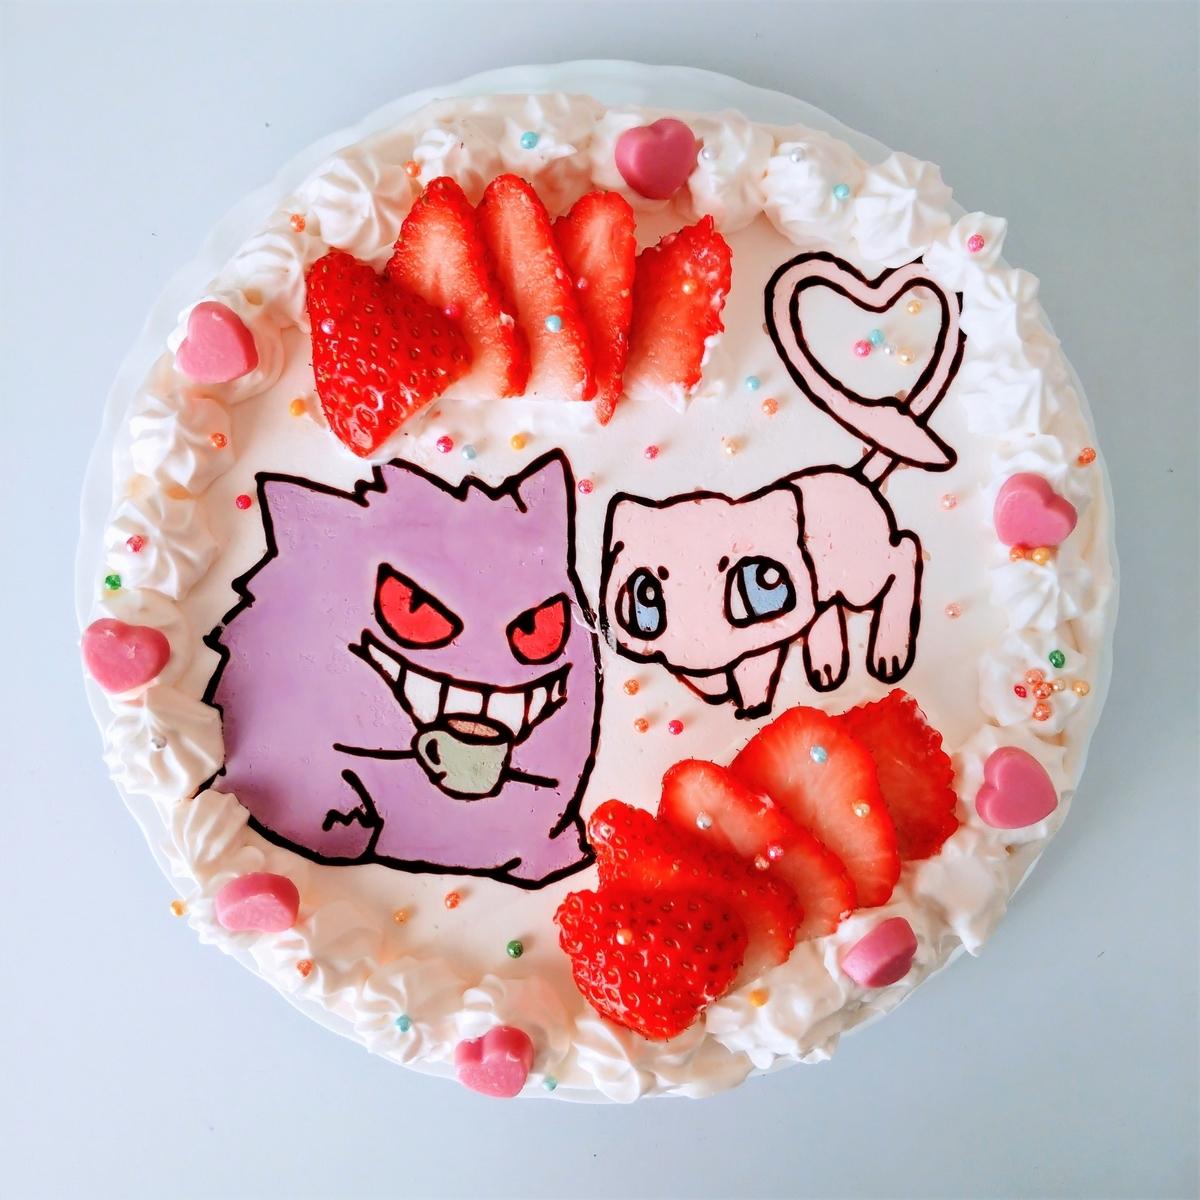 『ゲンガーとミュウ』のケーキを作ってみた